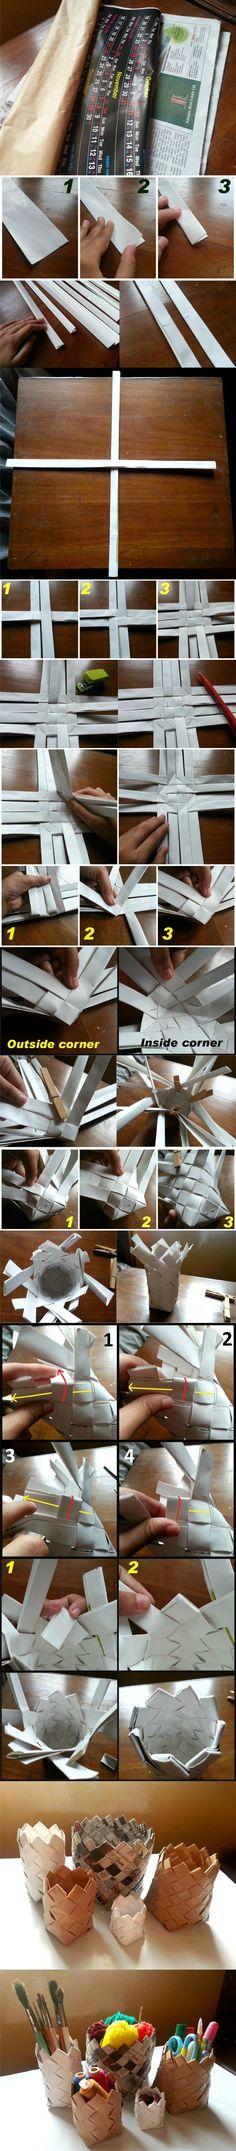 Pequeñas cestas reciclando papel / Via instructables.com